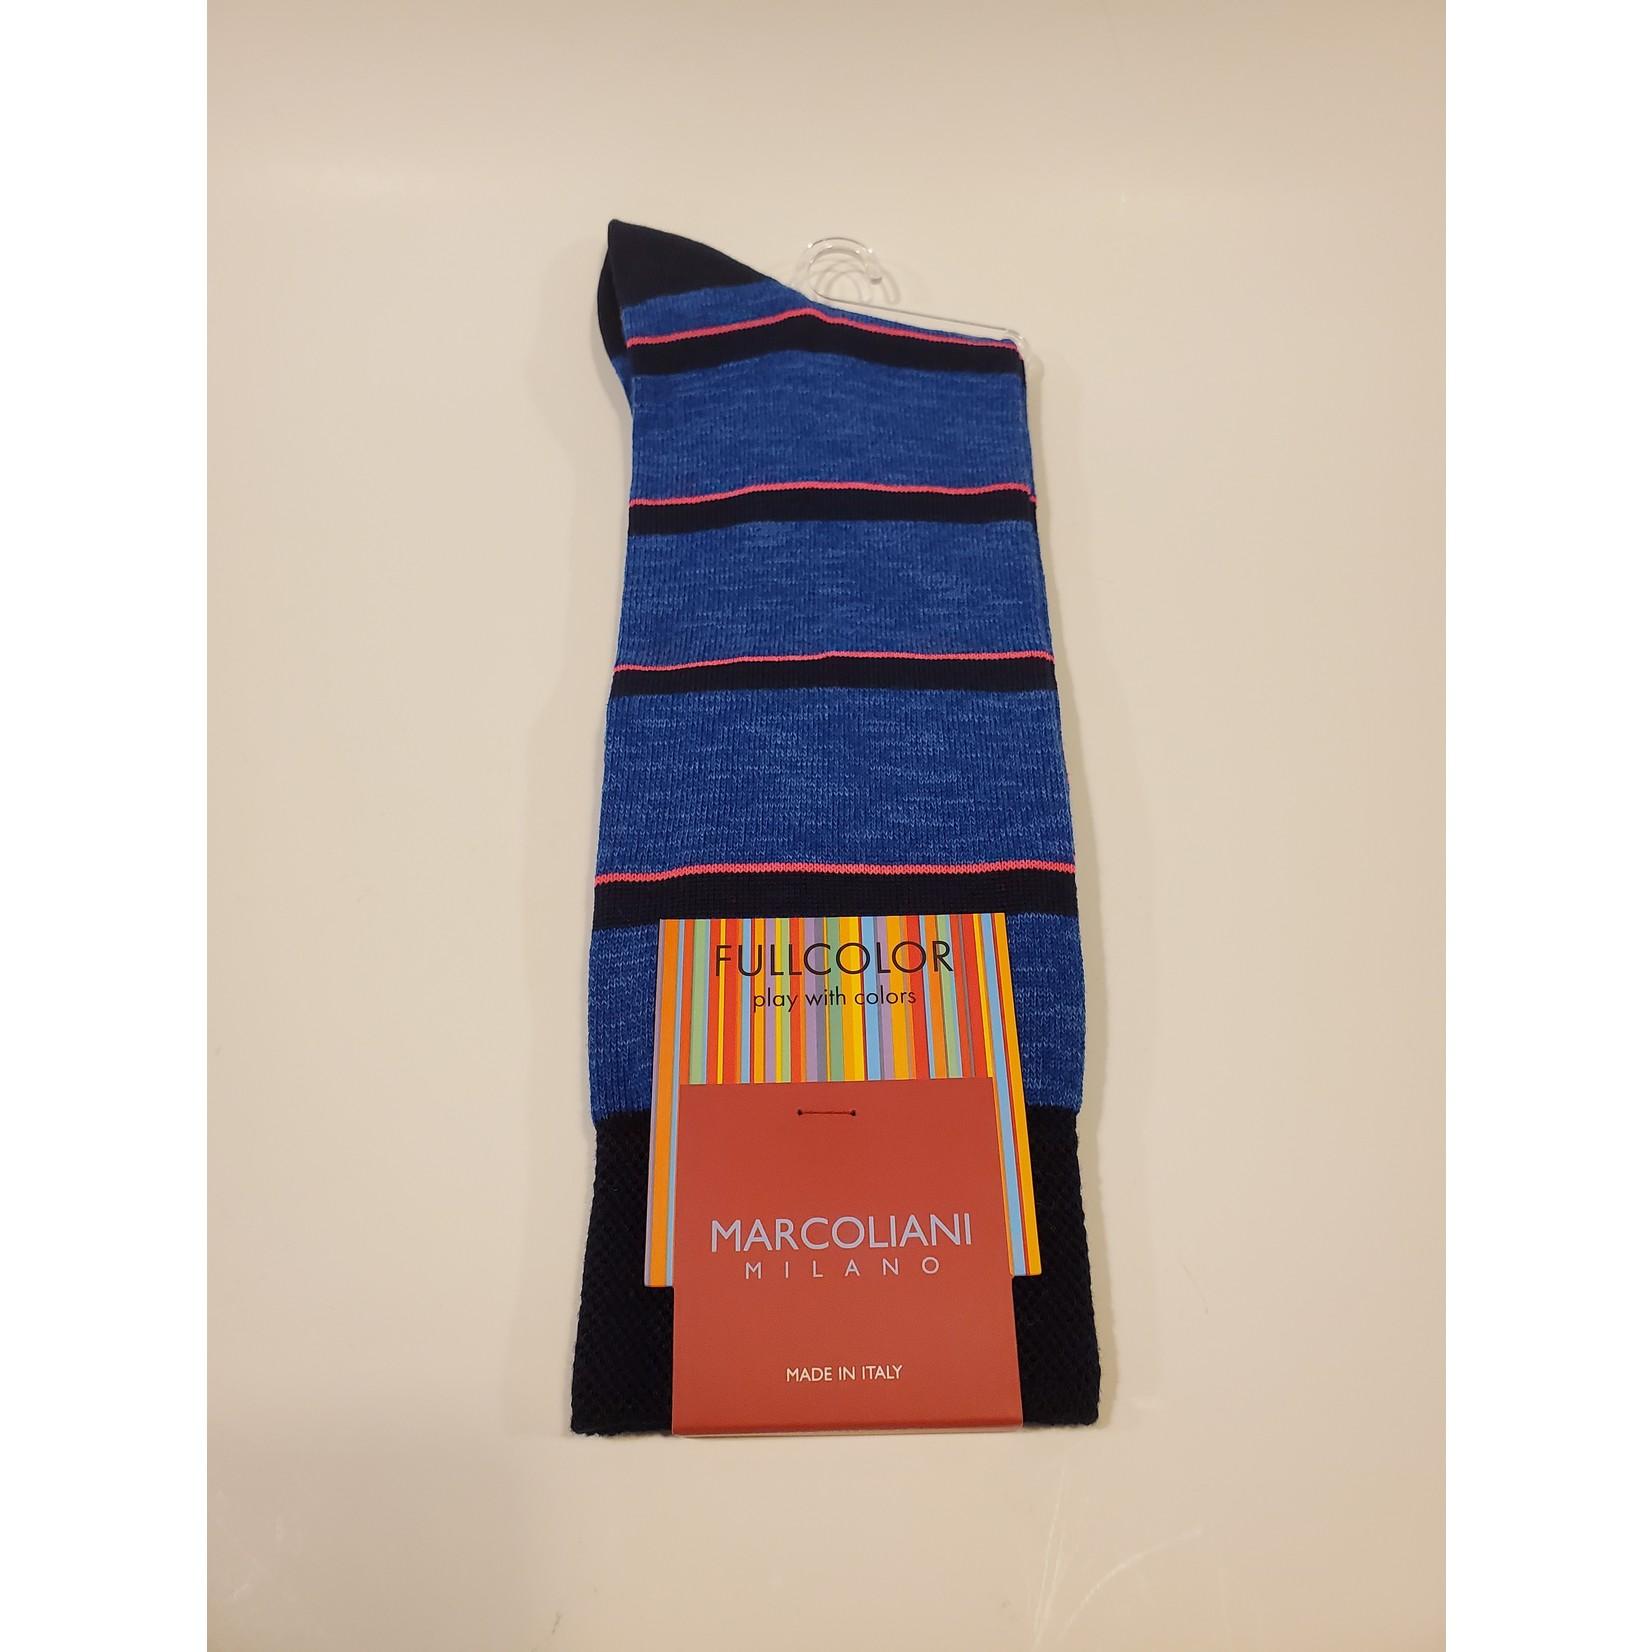 Marcoliani Marcoliani Full Color MAR4528T Fluo Stripe - 241 Atlantis Blue